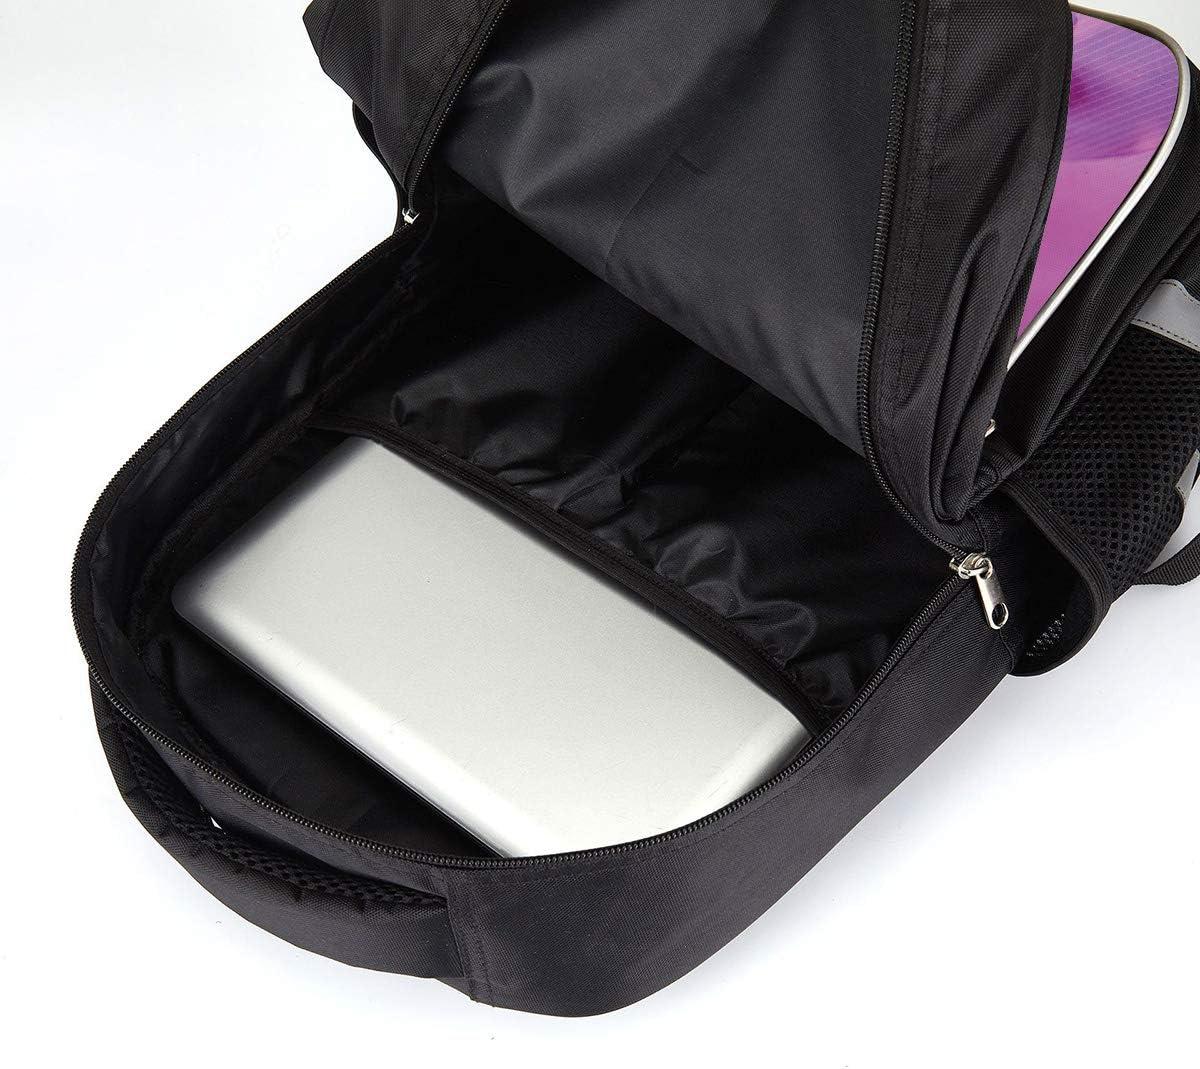 Backpack for Kids Elegance Chevron Bag Zig Zag Pattern School Backbags Laptop Book Bag Student Stylish Unisex Daypack Bag for Teen Girls BoysSmall Size